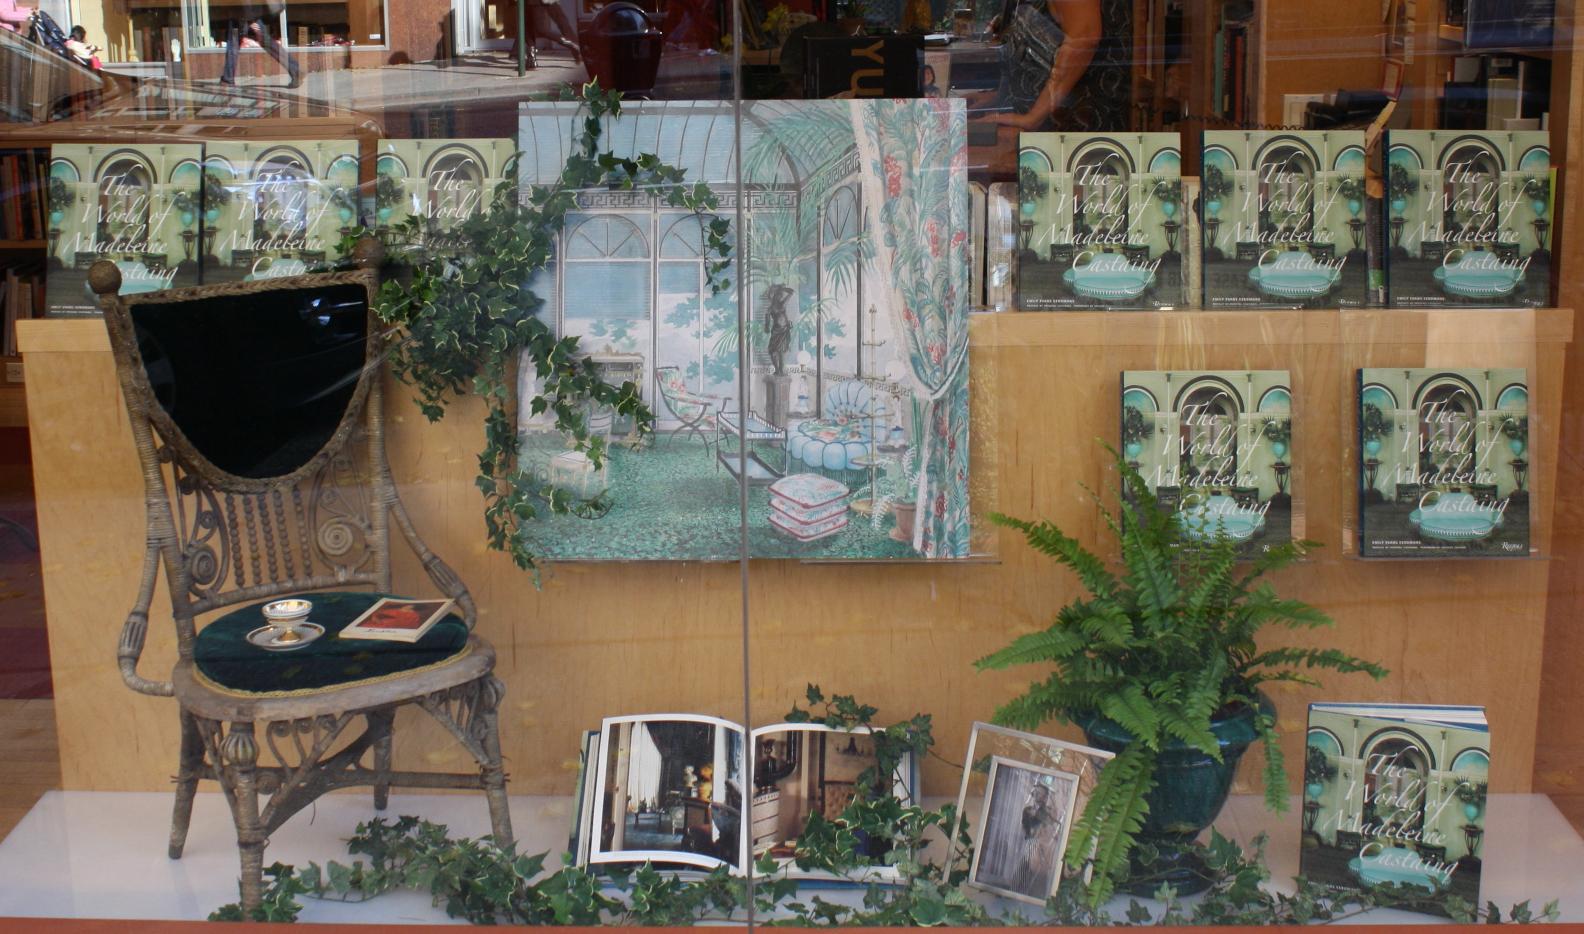 Emily Evans Eerdmans: Anatomy of a Window